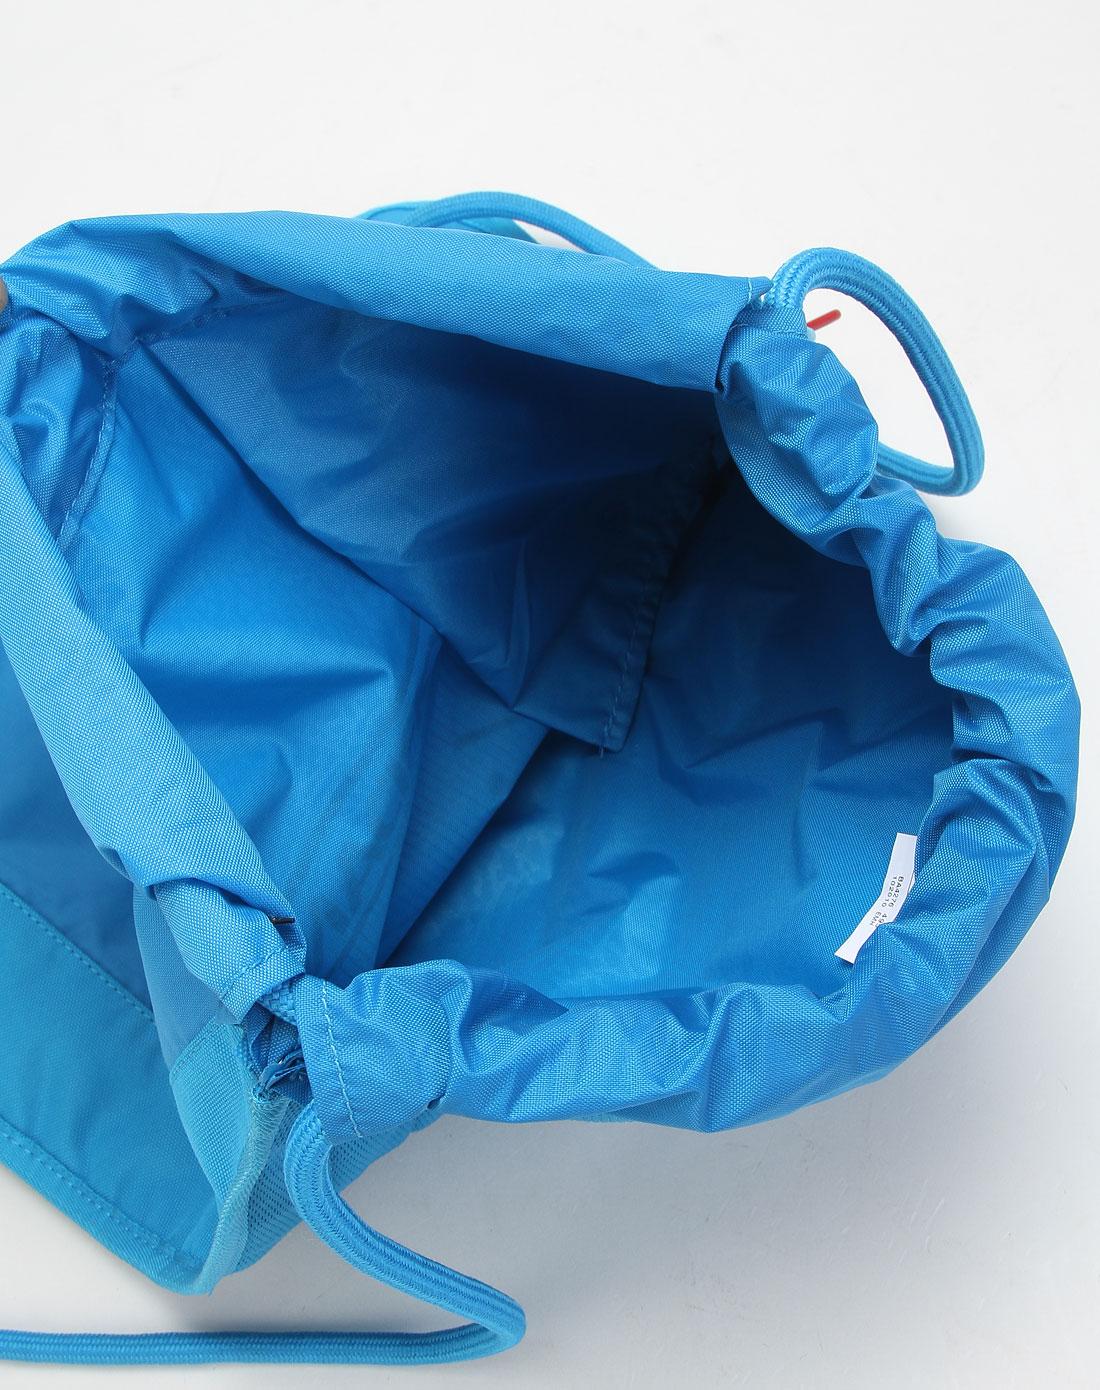 耐克nike男款蓝色简约绳索式双肩包ba4276-495